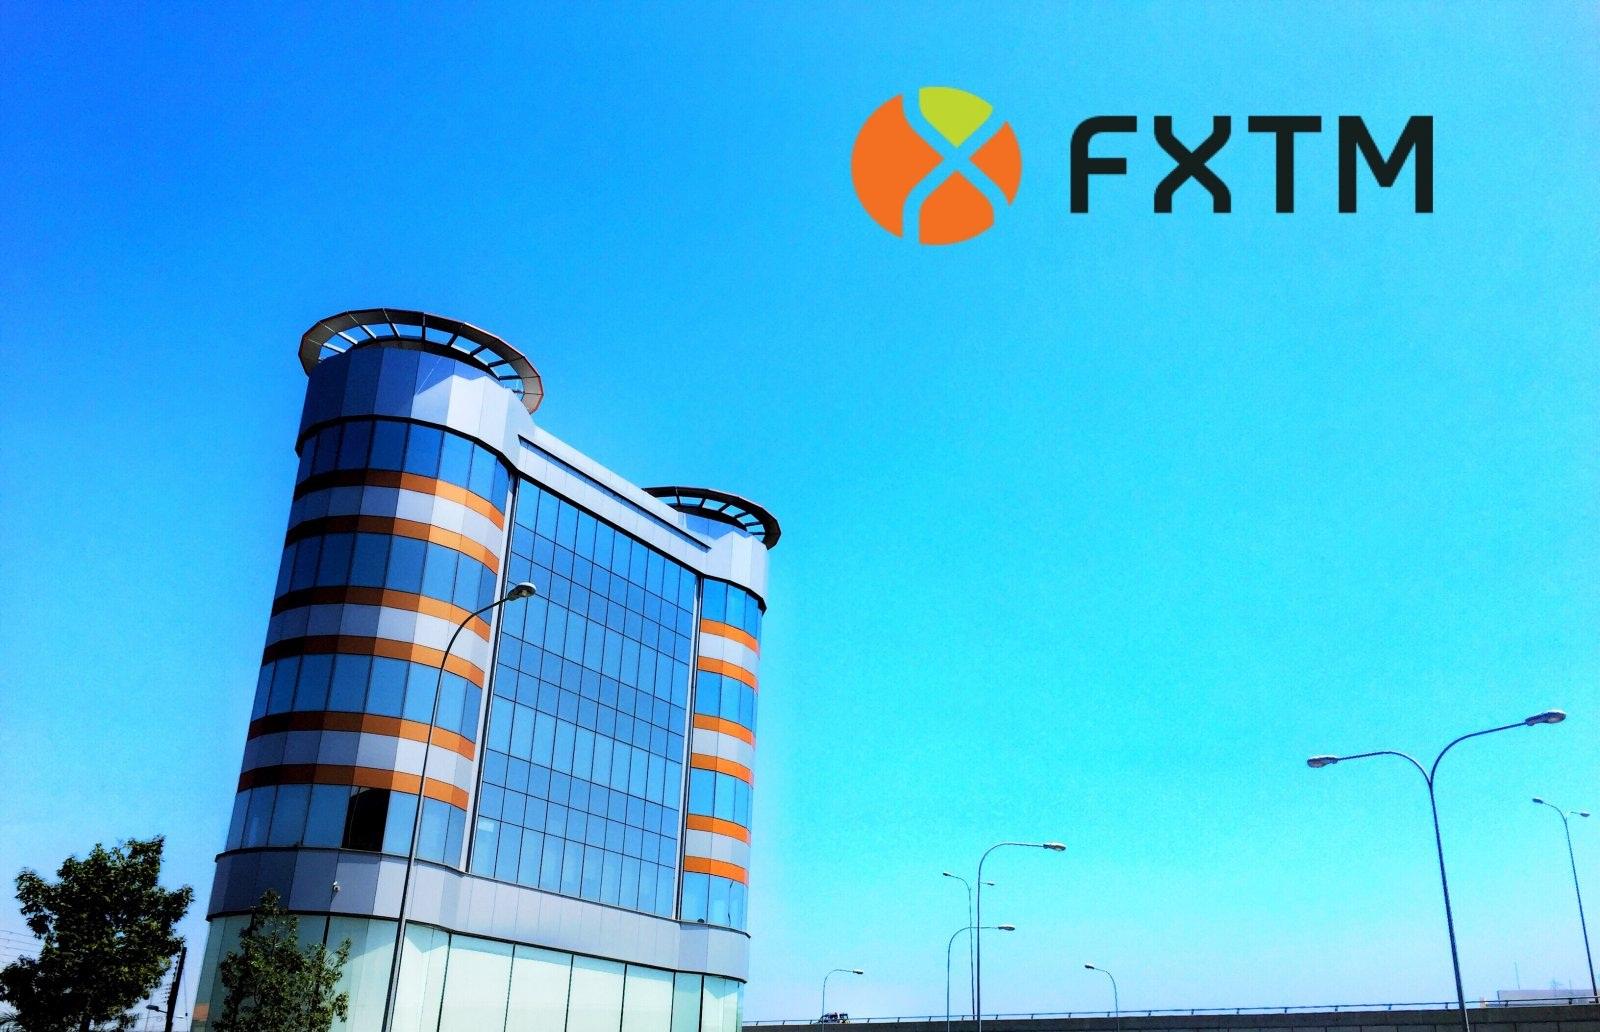 Sàn FXTM sở hữu 4 giấy phép hoạt động chính nhưng không được cấp trong 1 khoảng thời gian